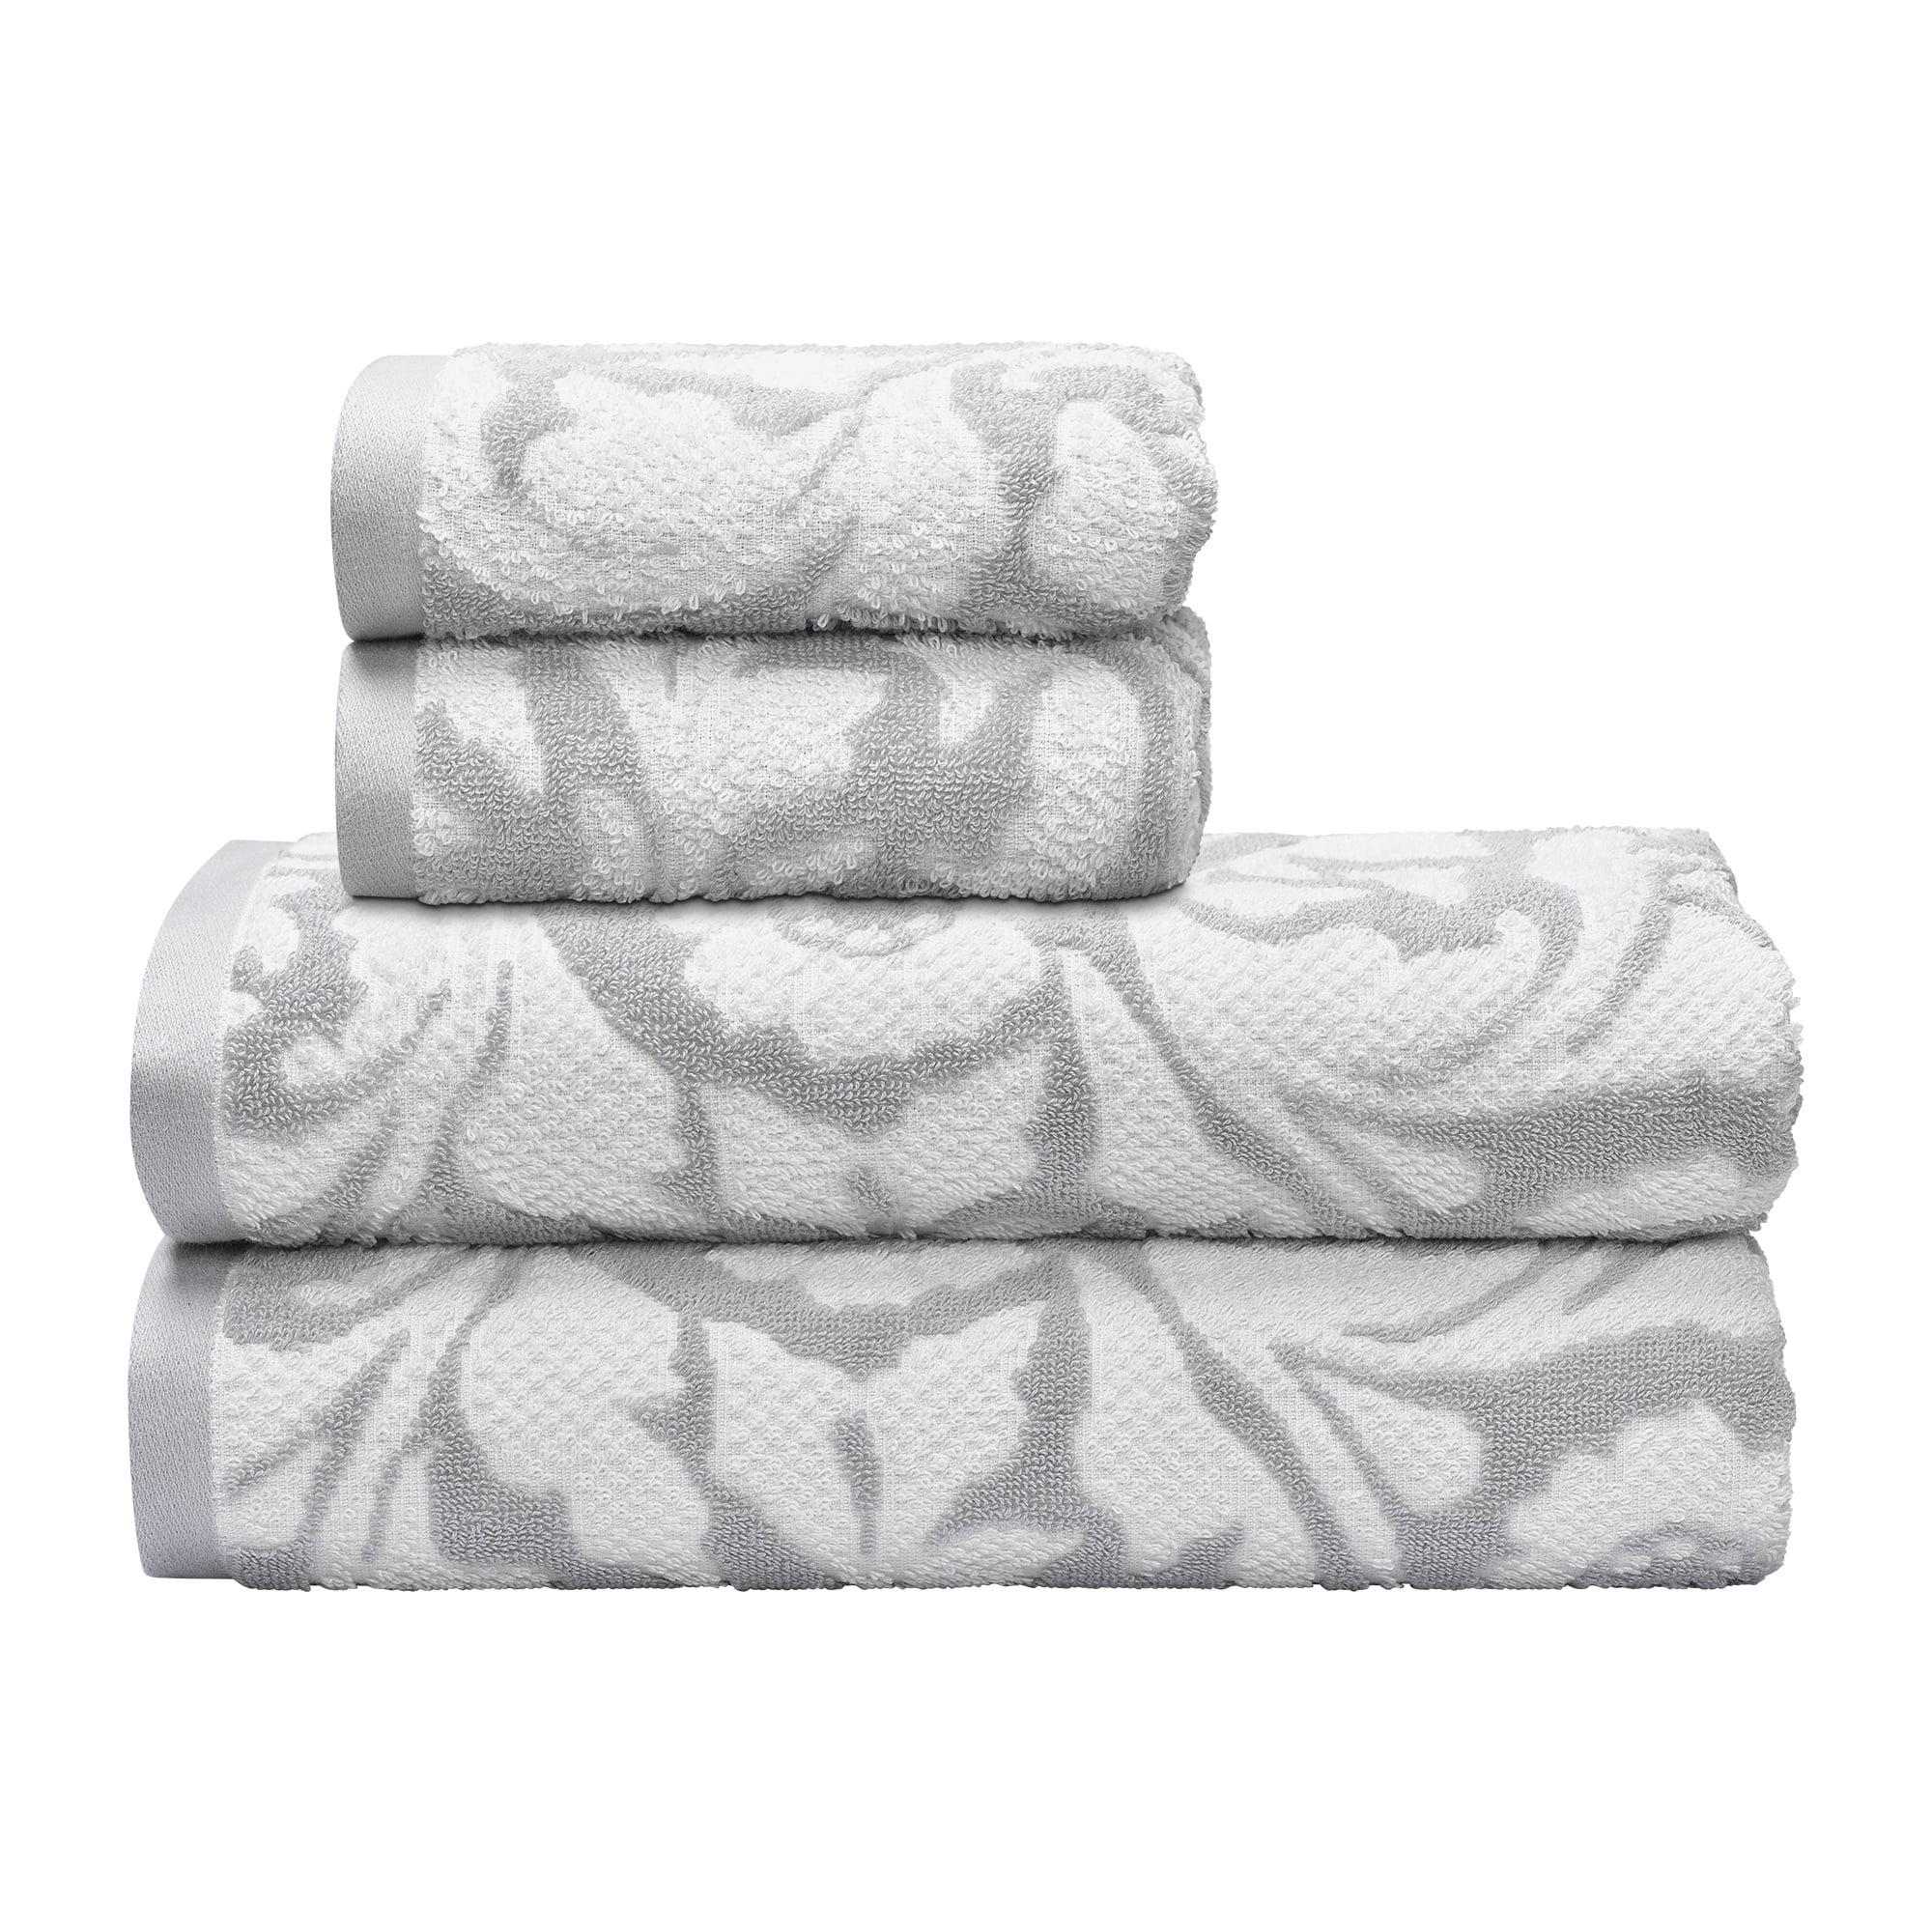 Better Homes & Gardens 100% Cotton Floral Waves 4 pc Bath Towel Set